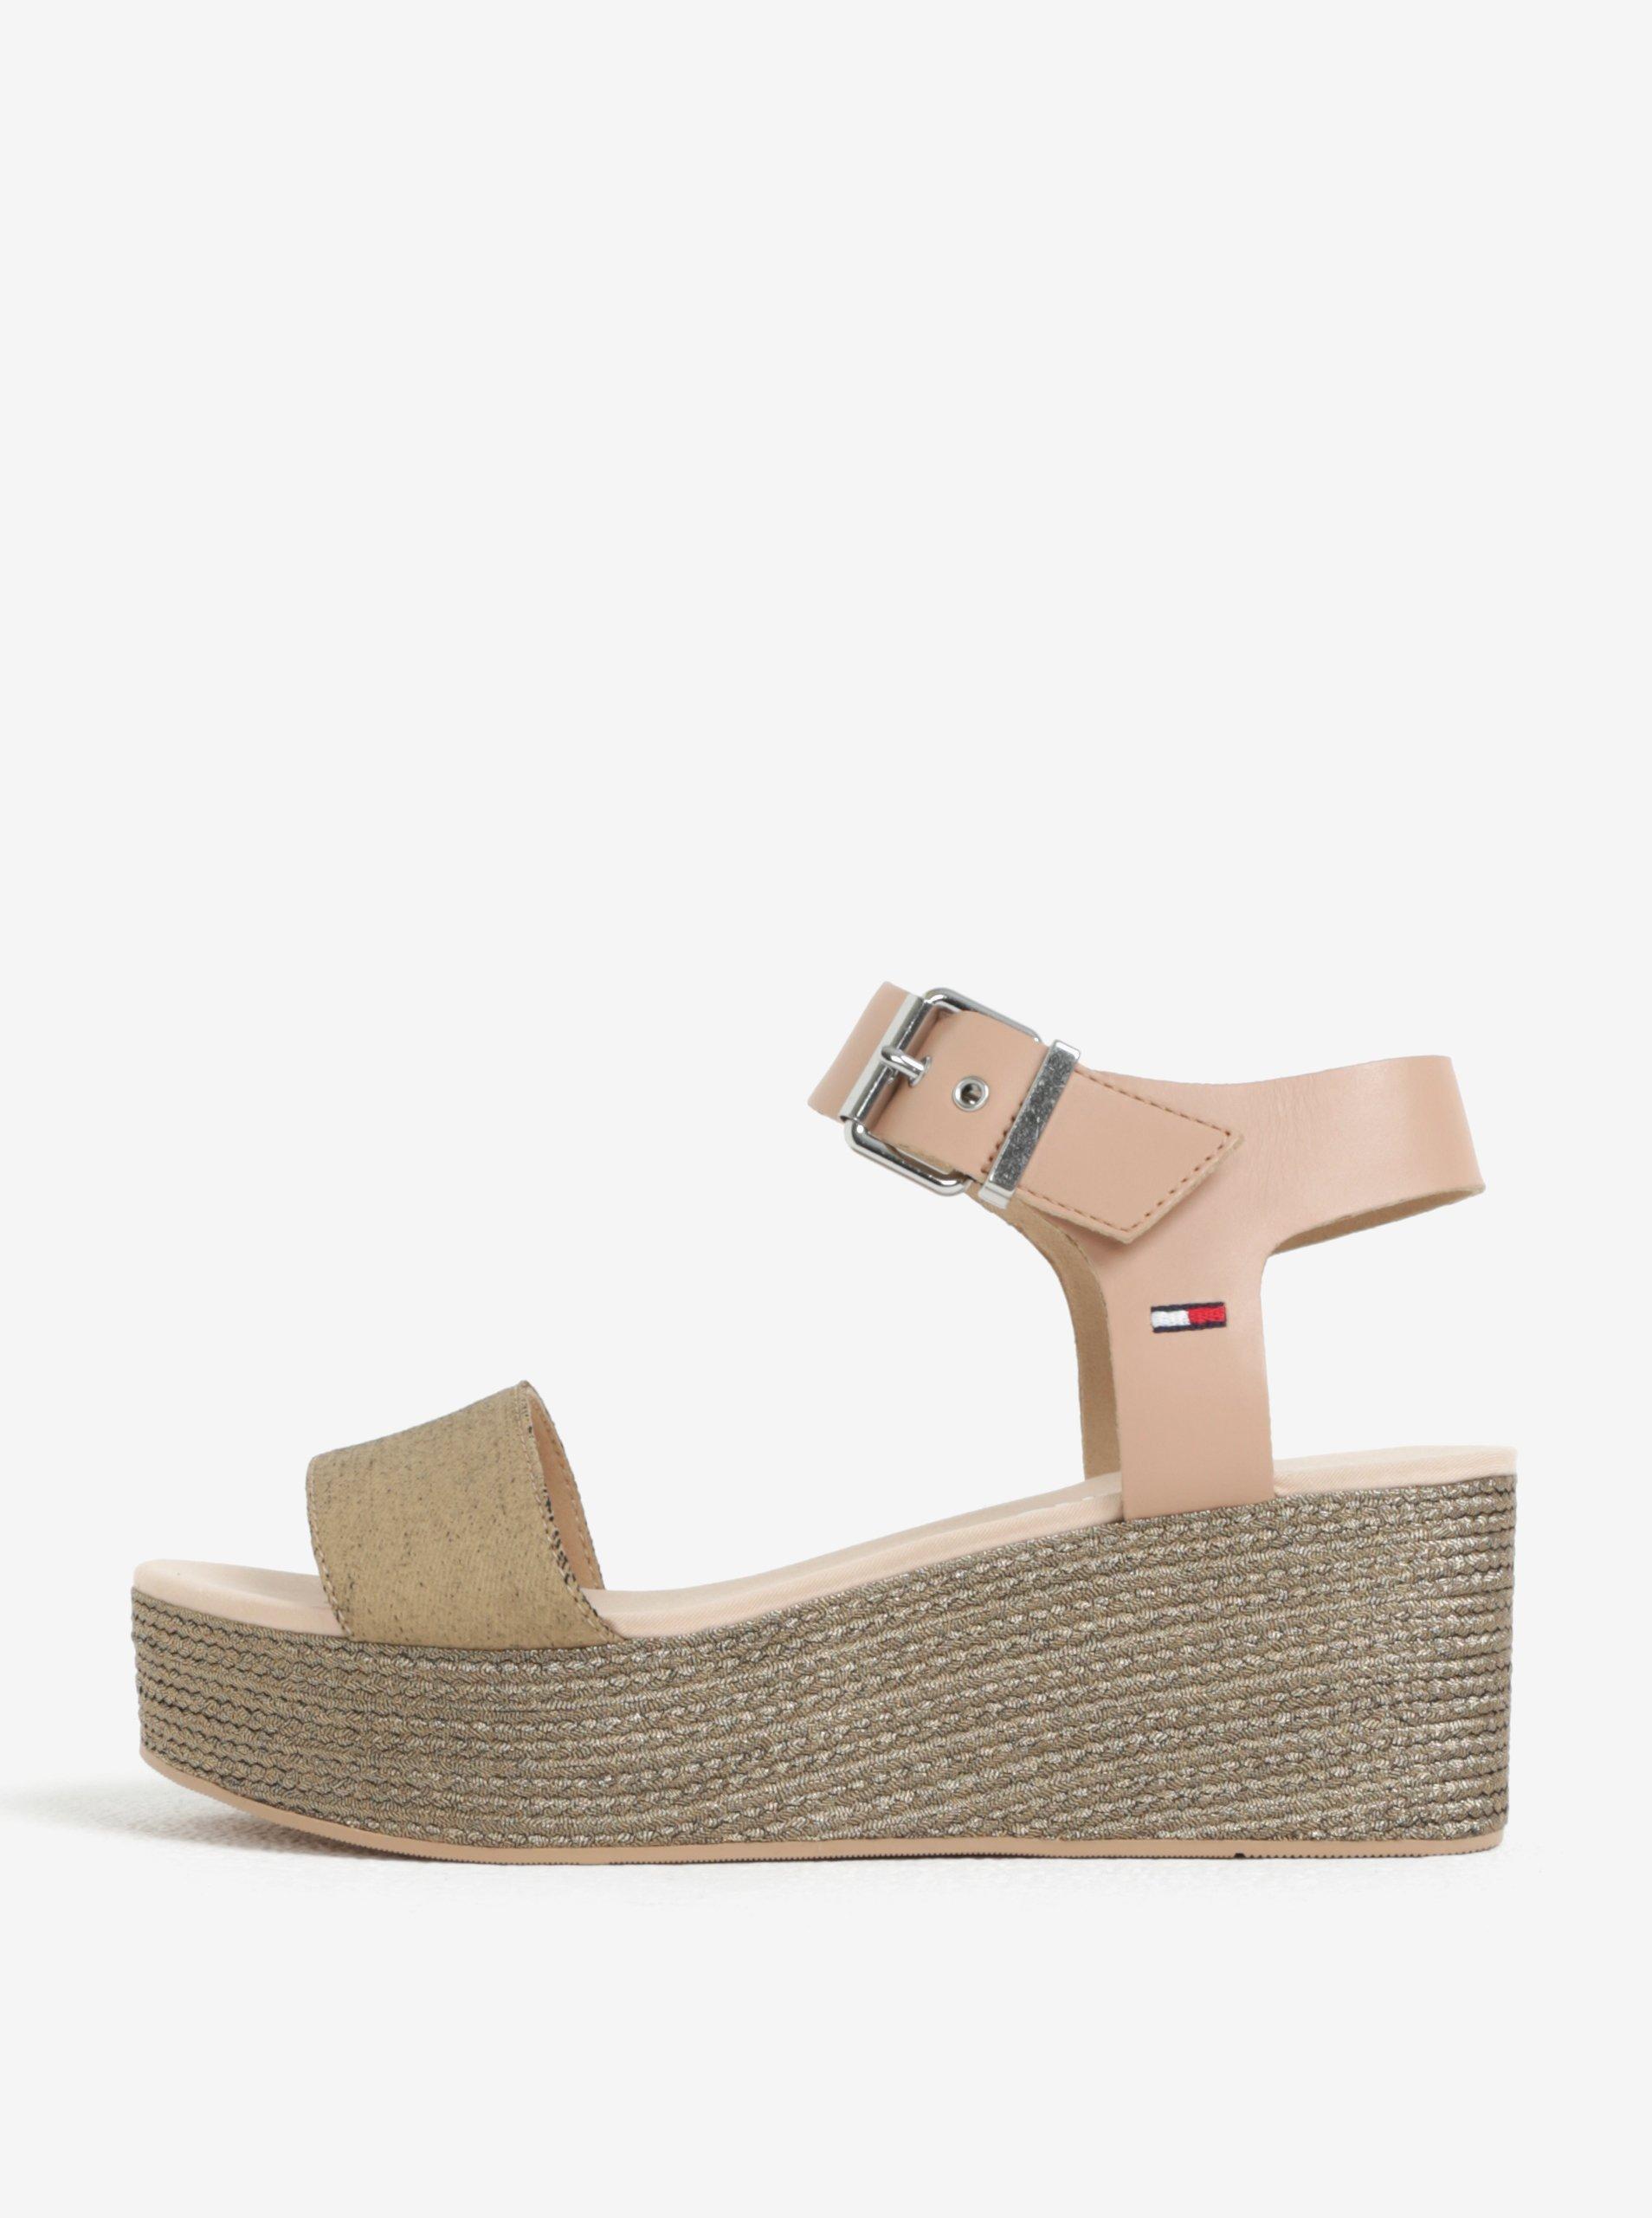 Béžové kožené sandály na platformě Tommy Hilfiger 99b6e55eef